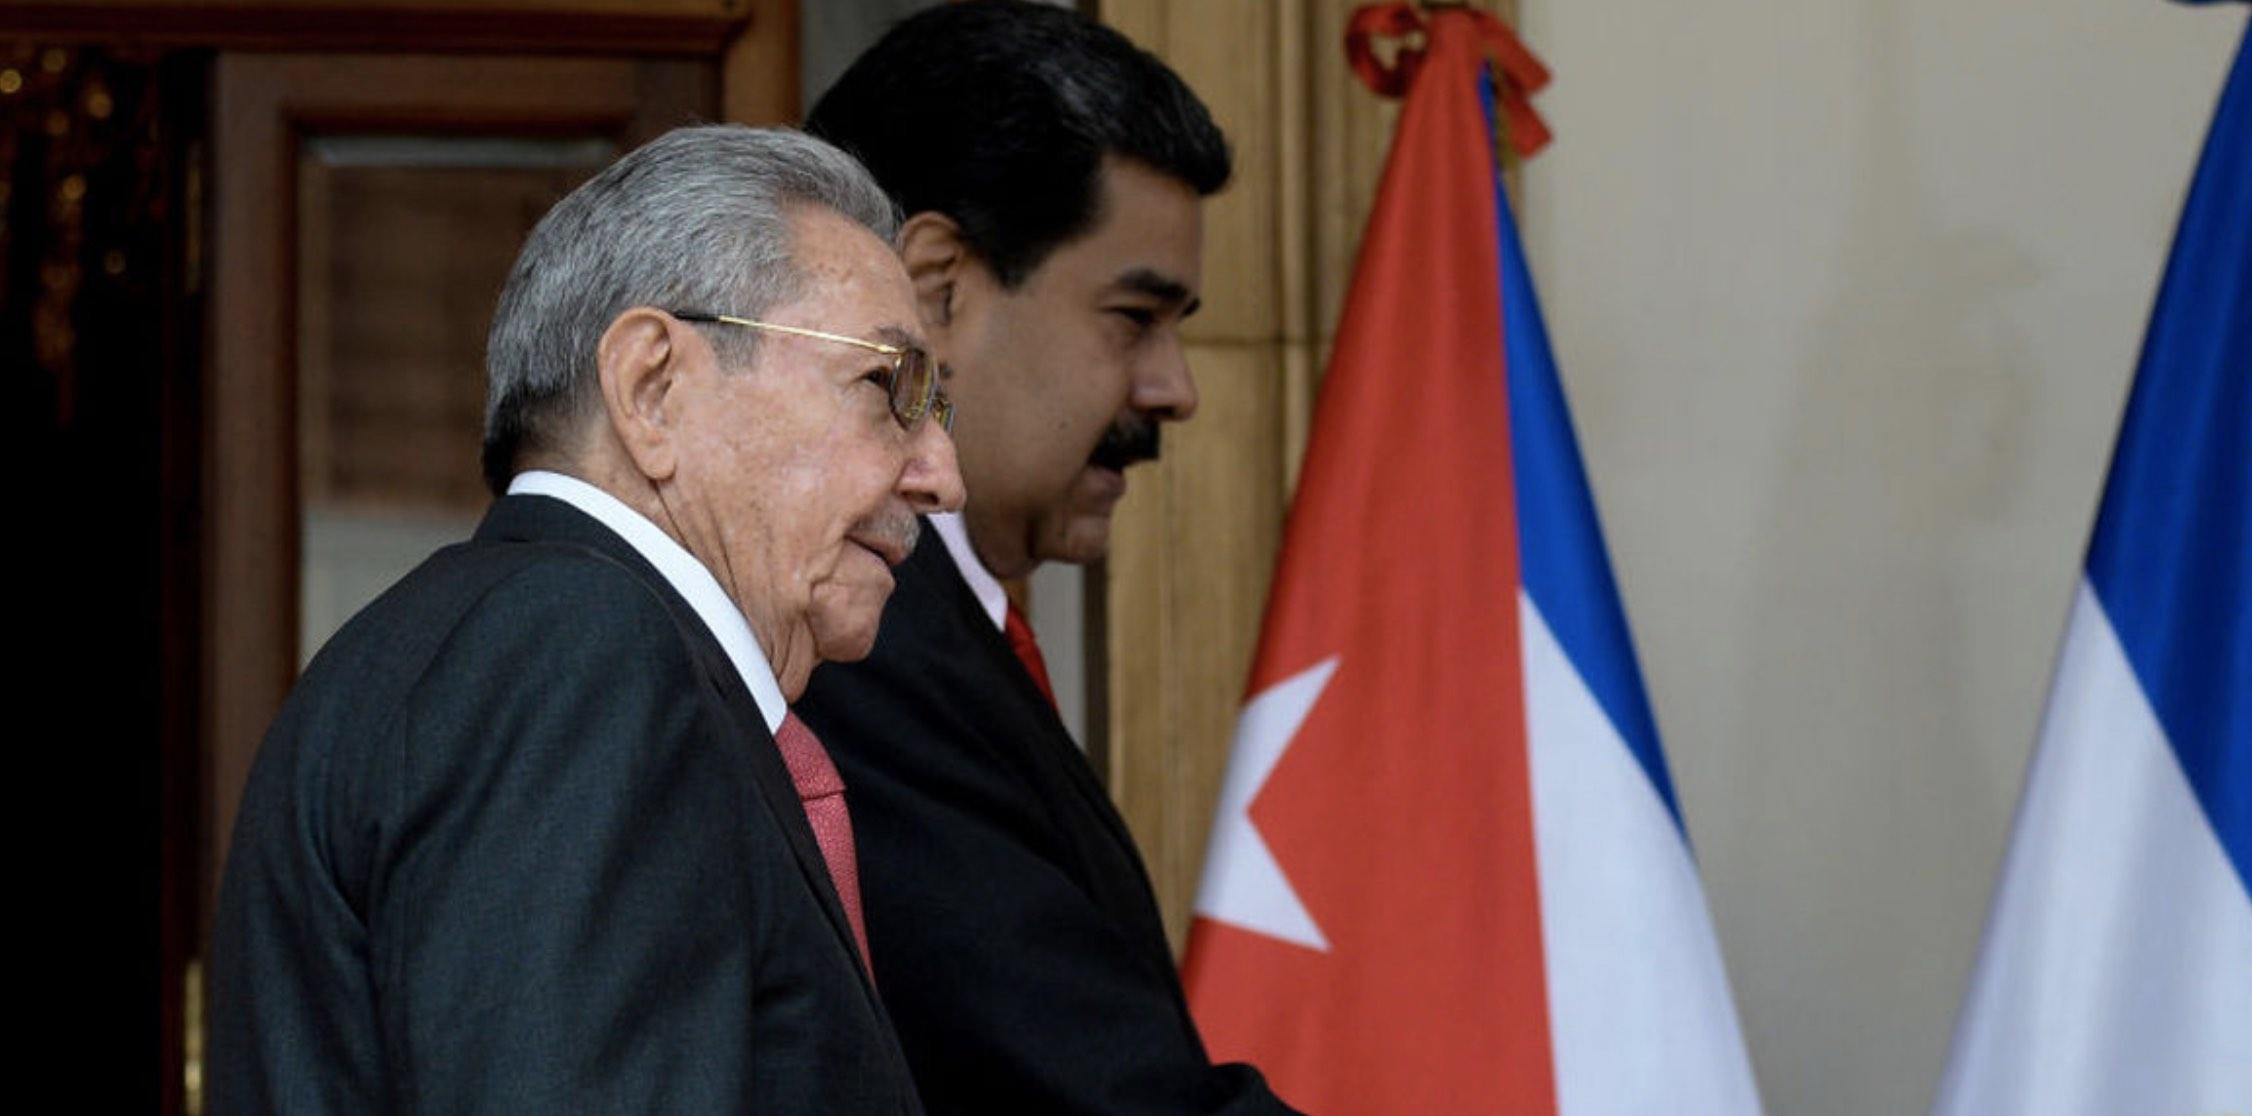 Raúl Castro, Nicolás Maduro